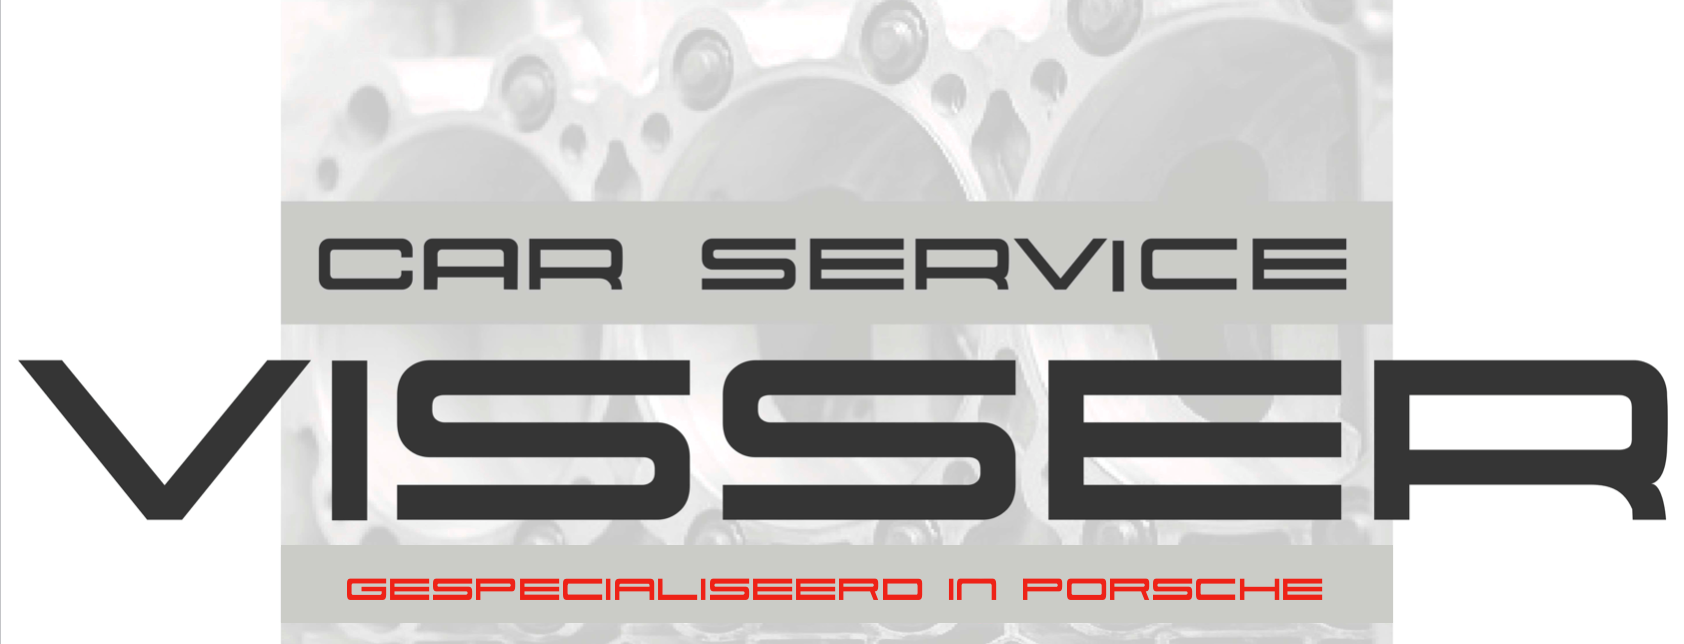 Car Service Visser